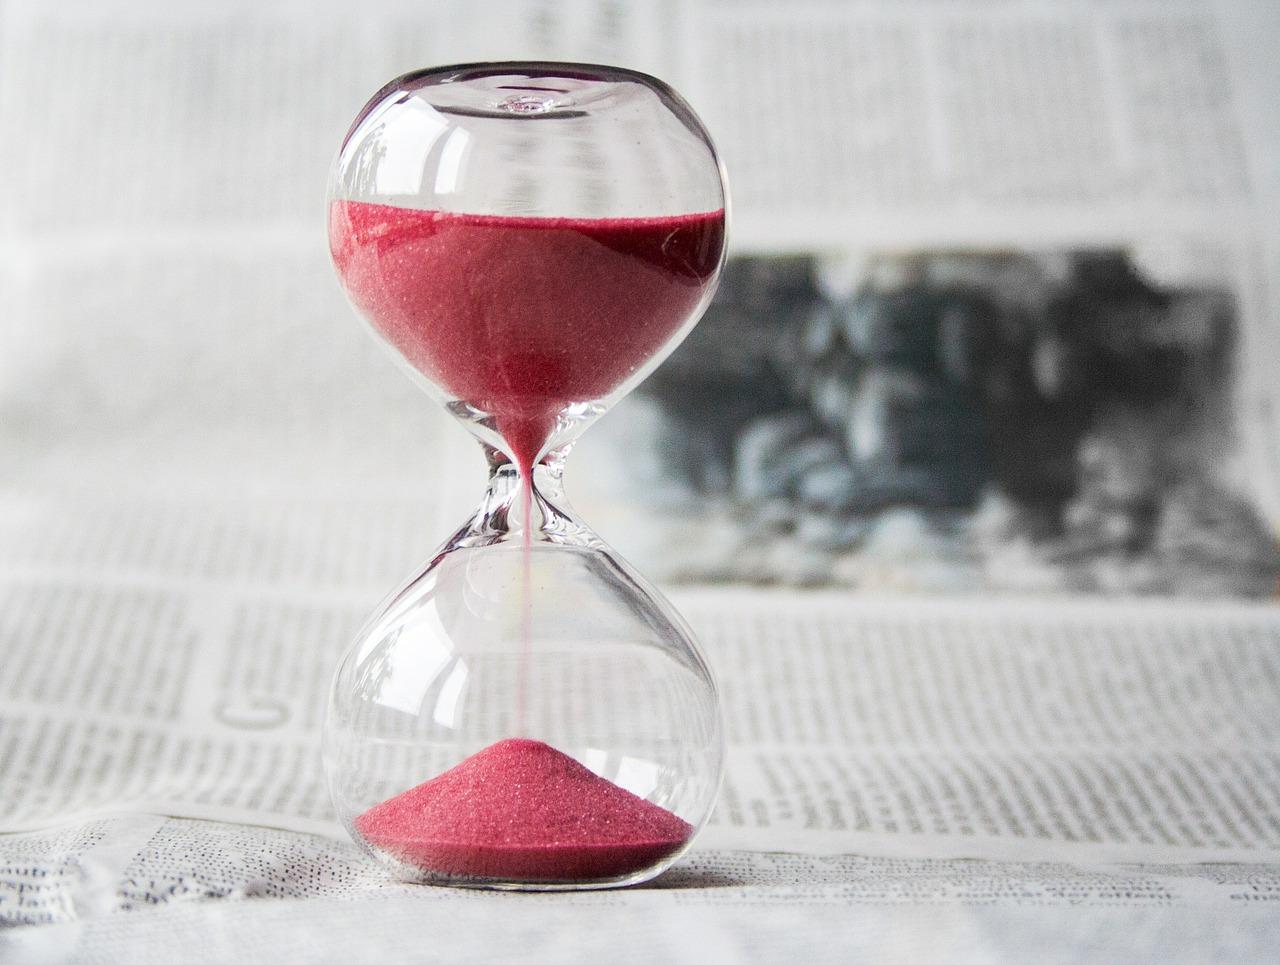 Если вы измените способ использования своего времени, вы измените свою жизнь